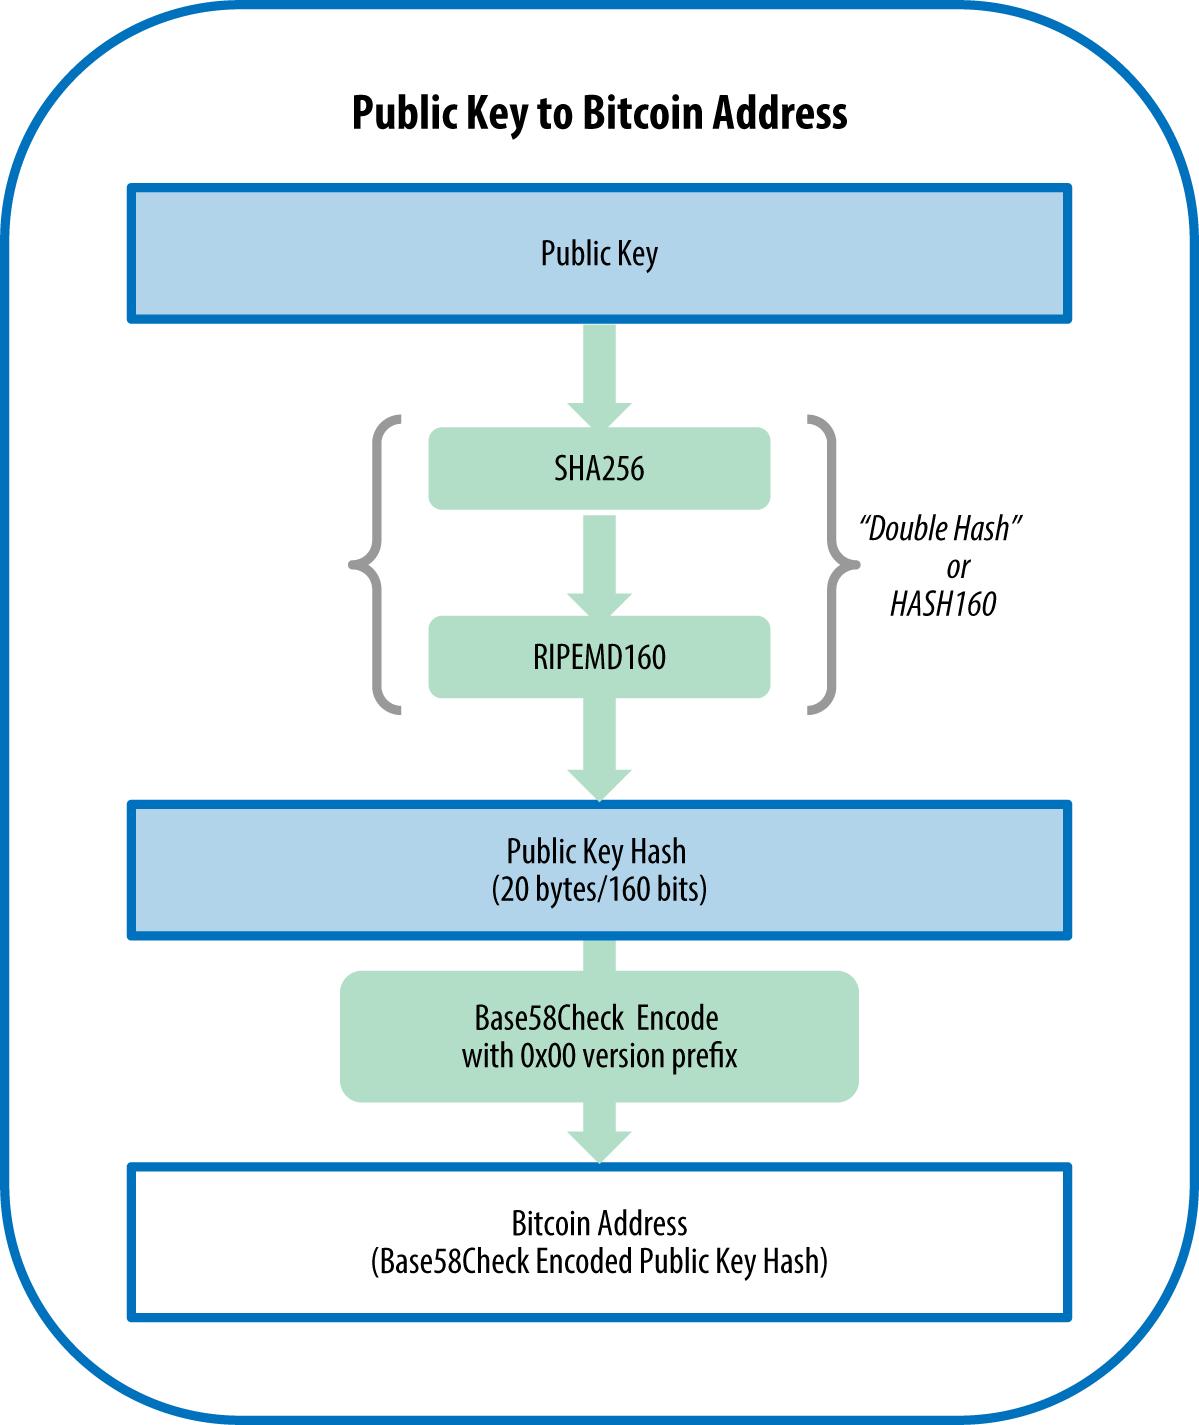 public key to bitcoin address